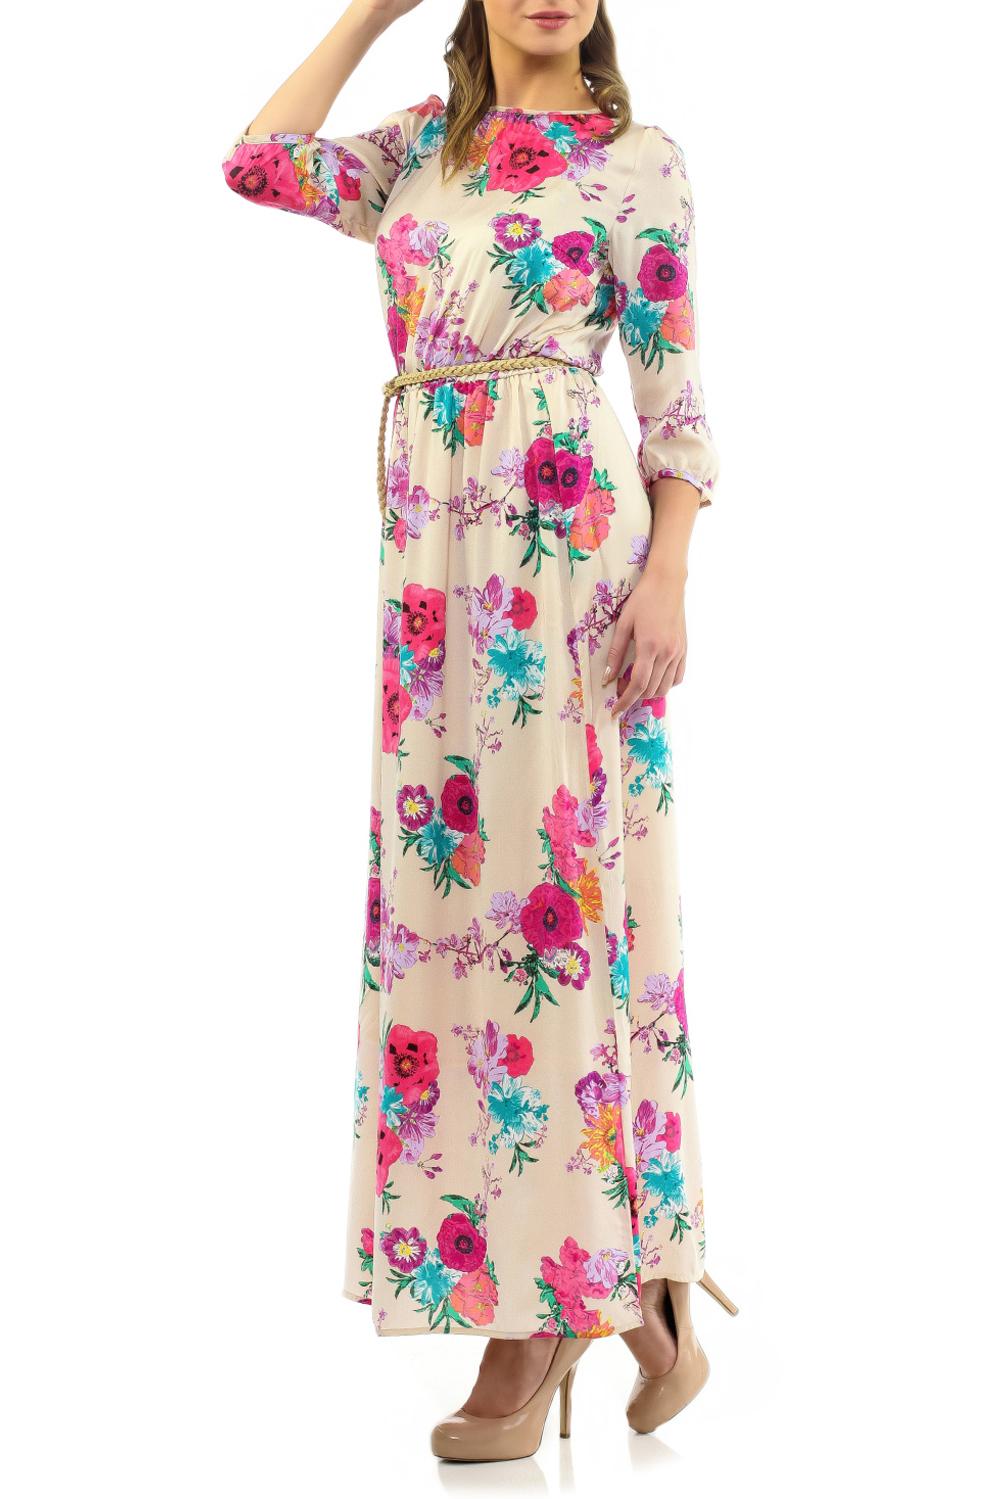 Платье. B455035B455035Элегантное платье Baon макси длины придаст очарование и женственность своей обладательнице. Модель с отрезной талией на резинке, круглым вырезом горловины и рукавами 3/4. Платье выполнено из приятной на ощупь струящейся ткани - высококачественного полиэстера с цветочным принтом. На спинке платье застегивается на пуговку. На талии модель дополнена изящным ремешком. Изысканный наряд создаст обворожительный неповторимый образ. Приталенный силуэт подчеркивает стройность фигуры.